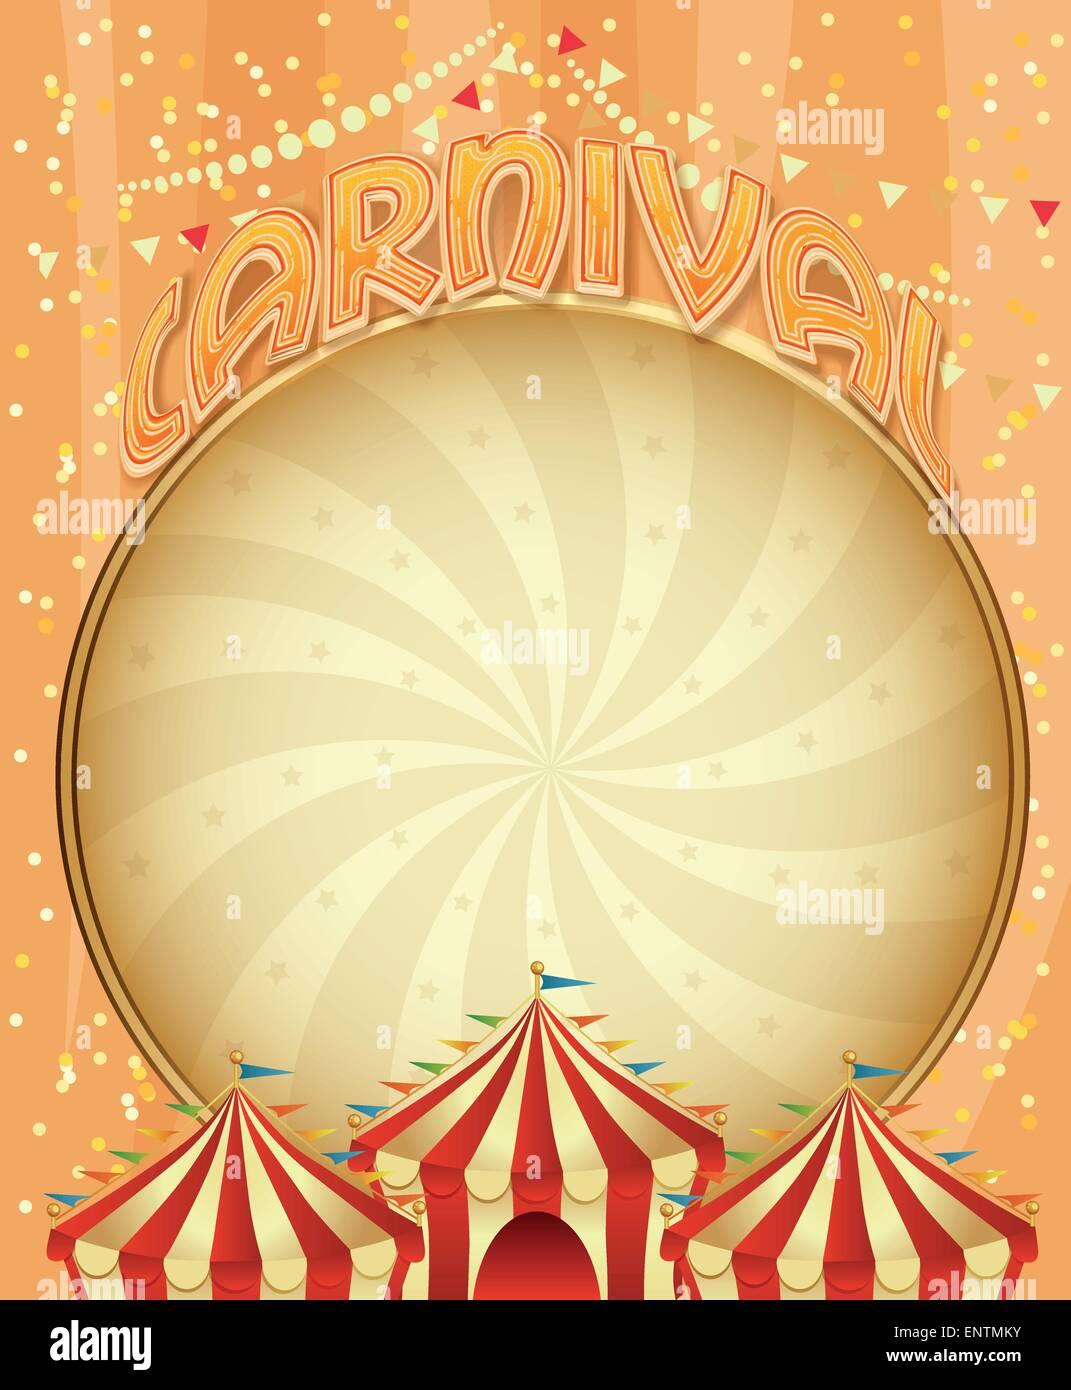 carnival poster mardi gras venice carnival banner holiday stock carnival poster mardi gras venice carnival banner holiday template